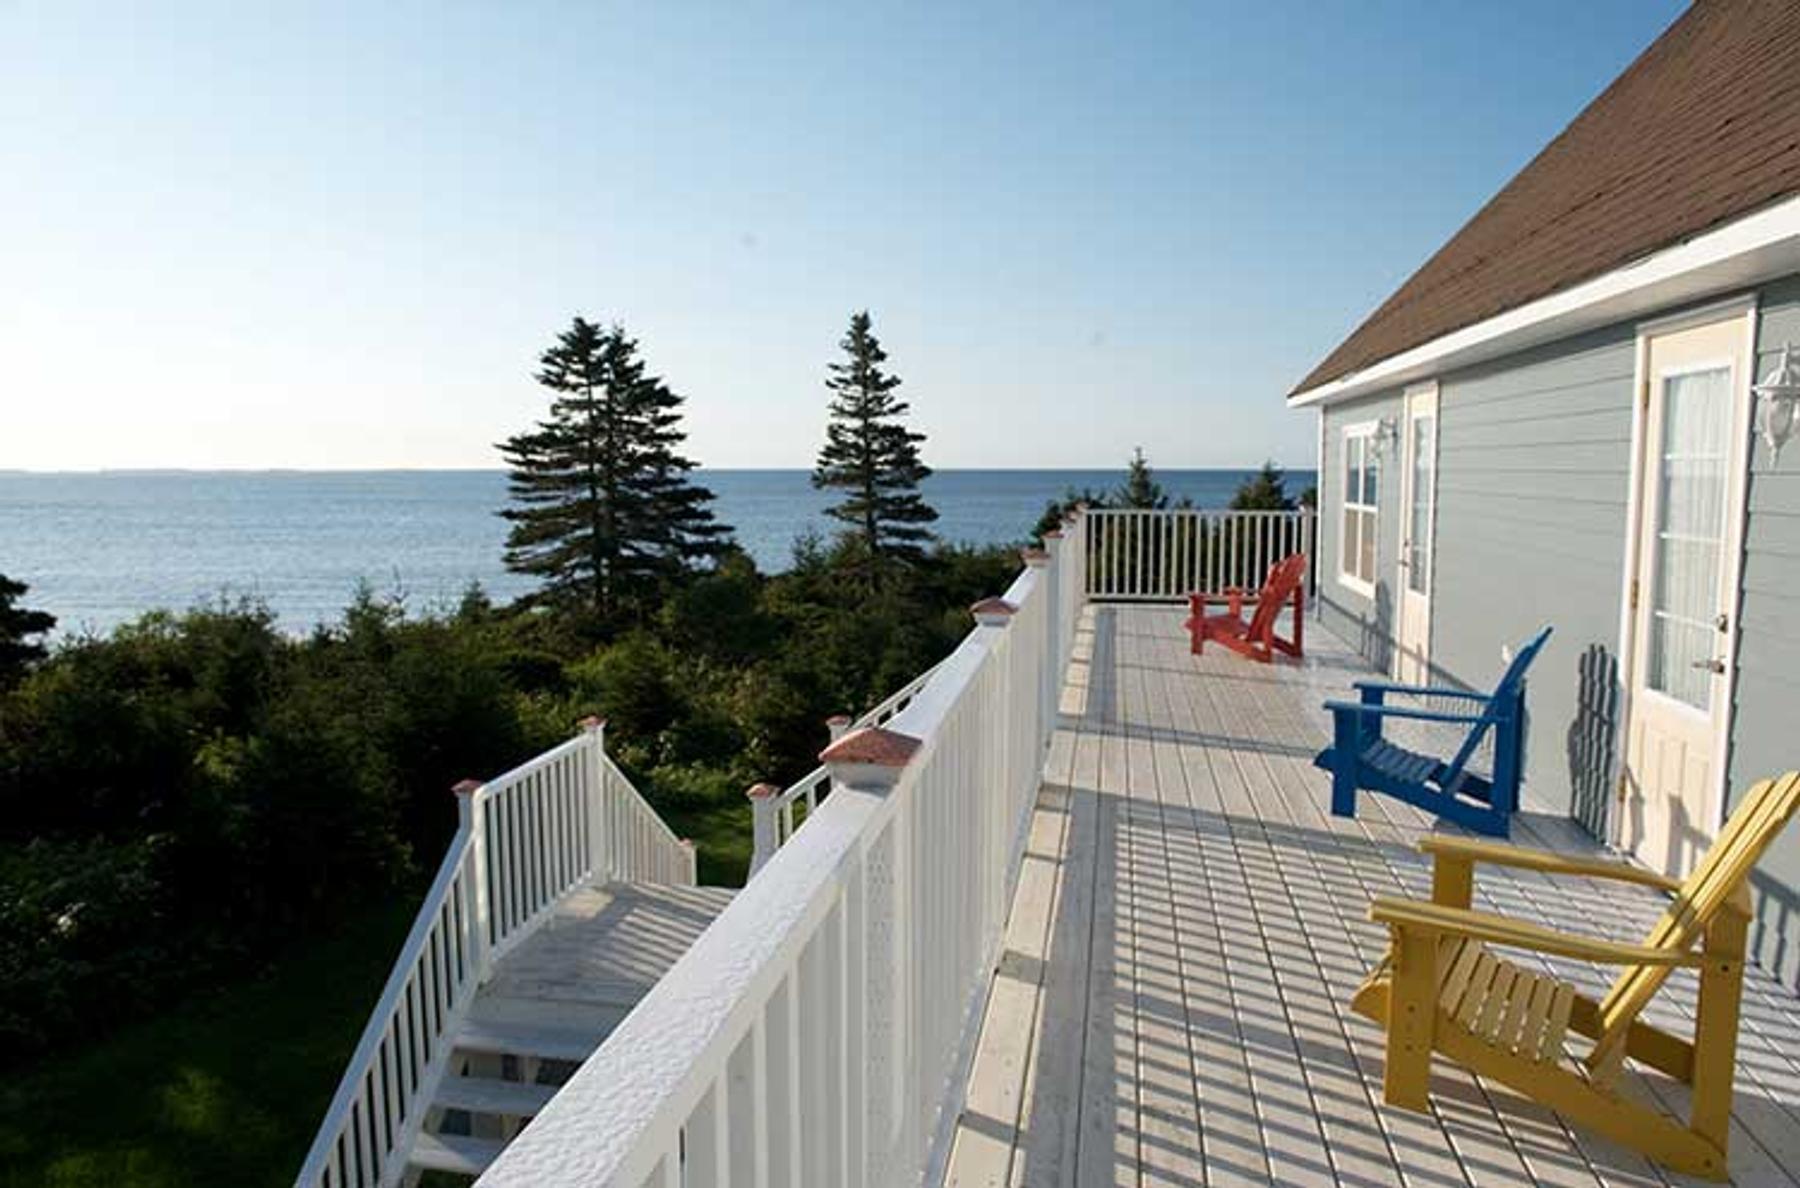 Seawaind patio views